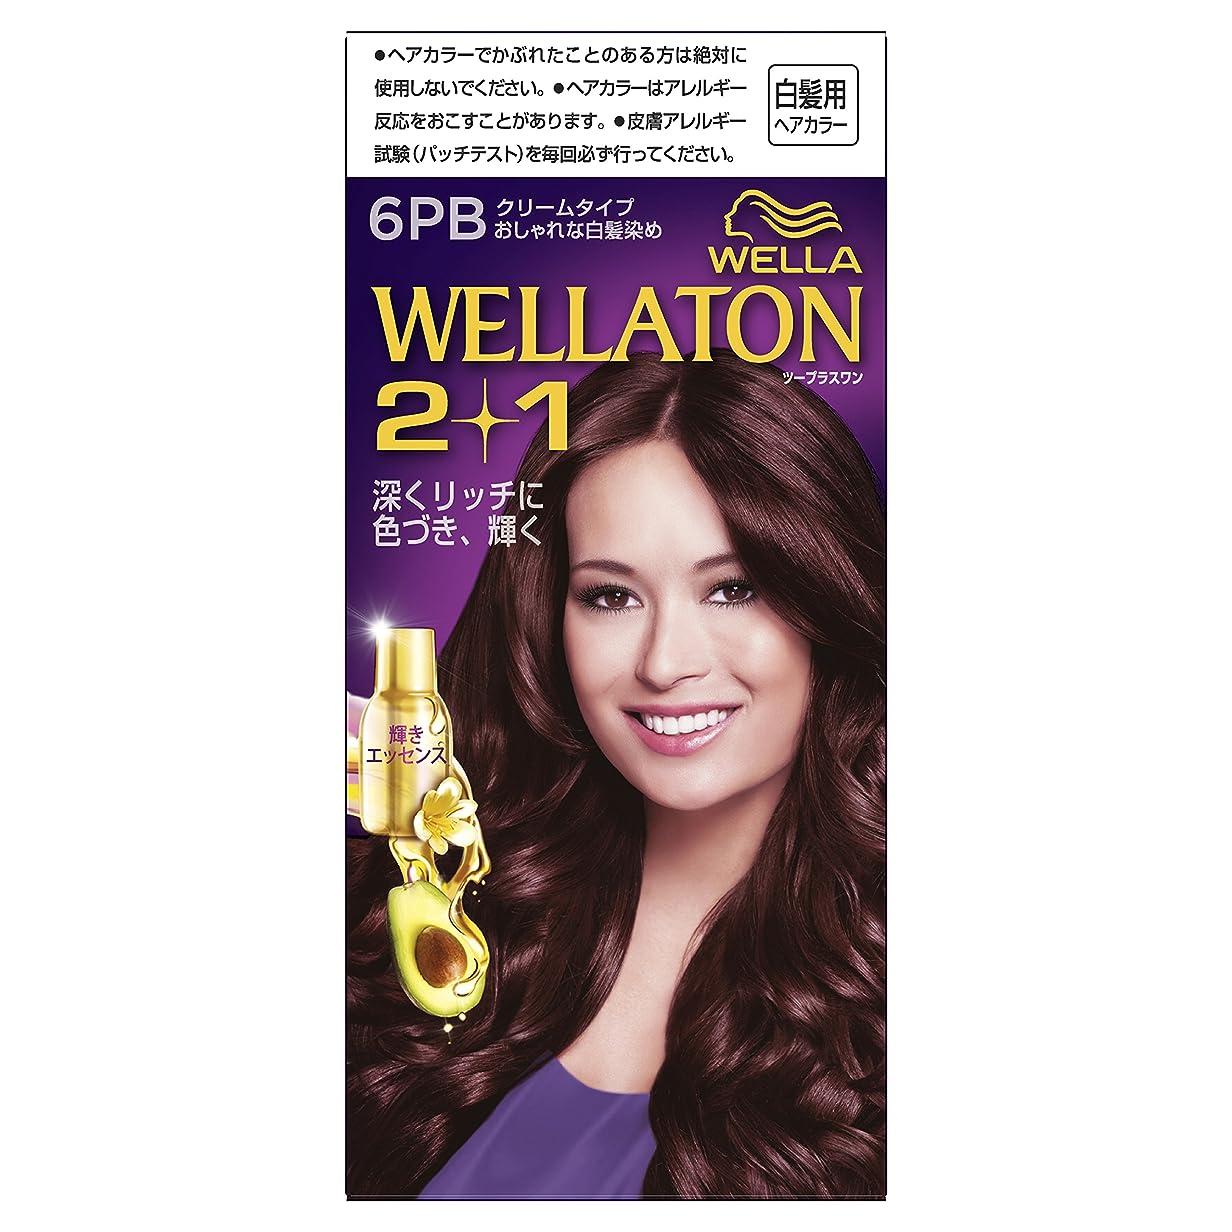 満了情熱数値ウエラトーン2+1 クリームタイプ 6PB [医薬部外品](おしゃれな白髪染め)